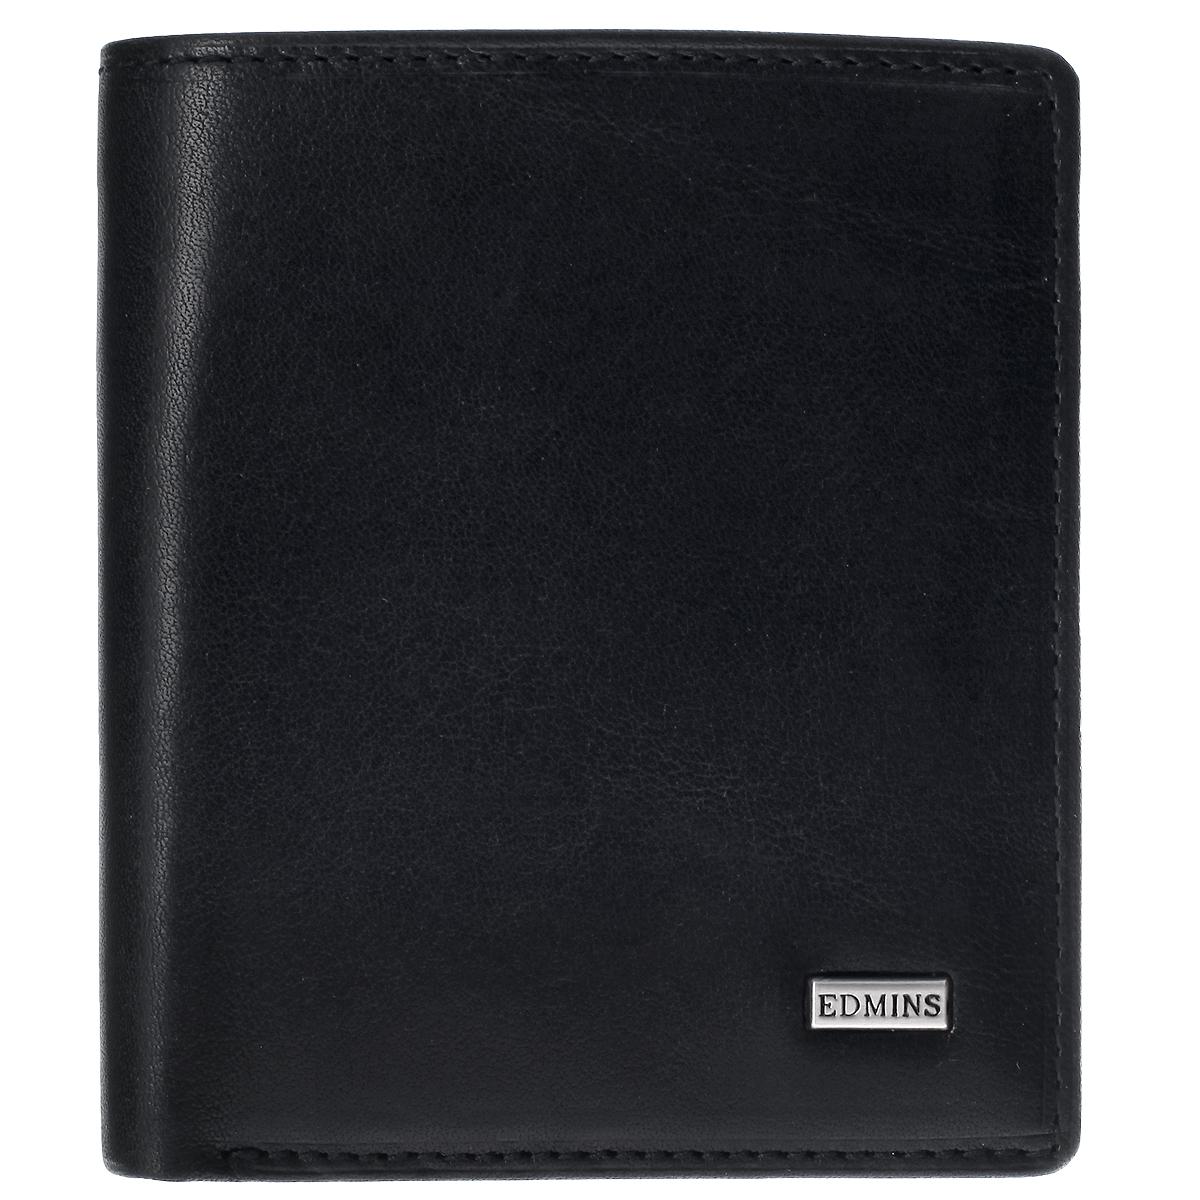 Портмоне женское Edmins1165 ML ED blackЖенское портмоне Edmins выполнено из натуральной кожи с глянцевой поверхностью. Лицевая сторона оформлена небольшой металлической пластиной с гравировкой Edmins. Портмоне закрывается клапаном на кнопку. Внутри расположены два отделения для купюр, три прорезных кармана для пластиковых карт и визиток, два потайных кармана и отделения для мелочи на застежке-кнопке. С внутренней стороны портмоне оформлено тиснением в виде логотипа бренда. Портмоне упаковано в фирменную коробку с логотипом бренда. Такое стильное портмоне станет отличным подарком для человека, ценящего качественные и необычные вещи.